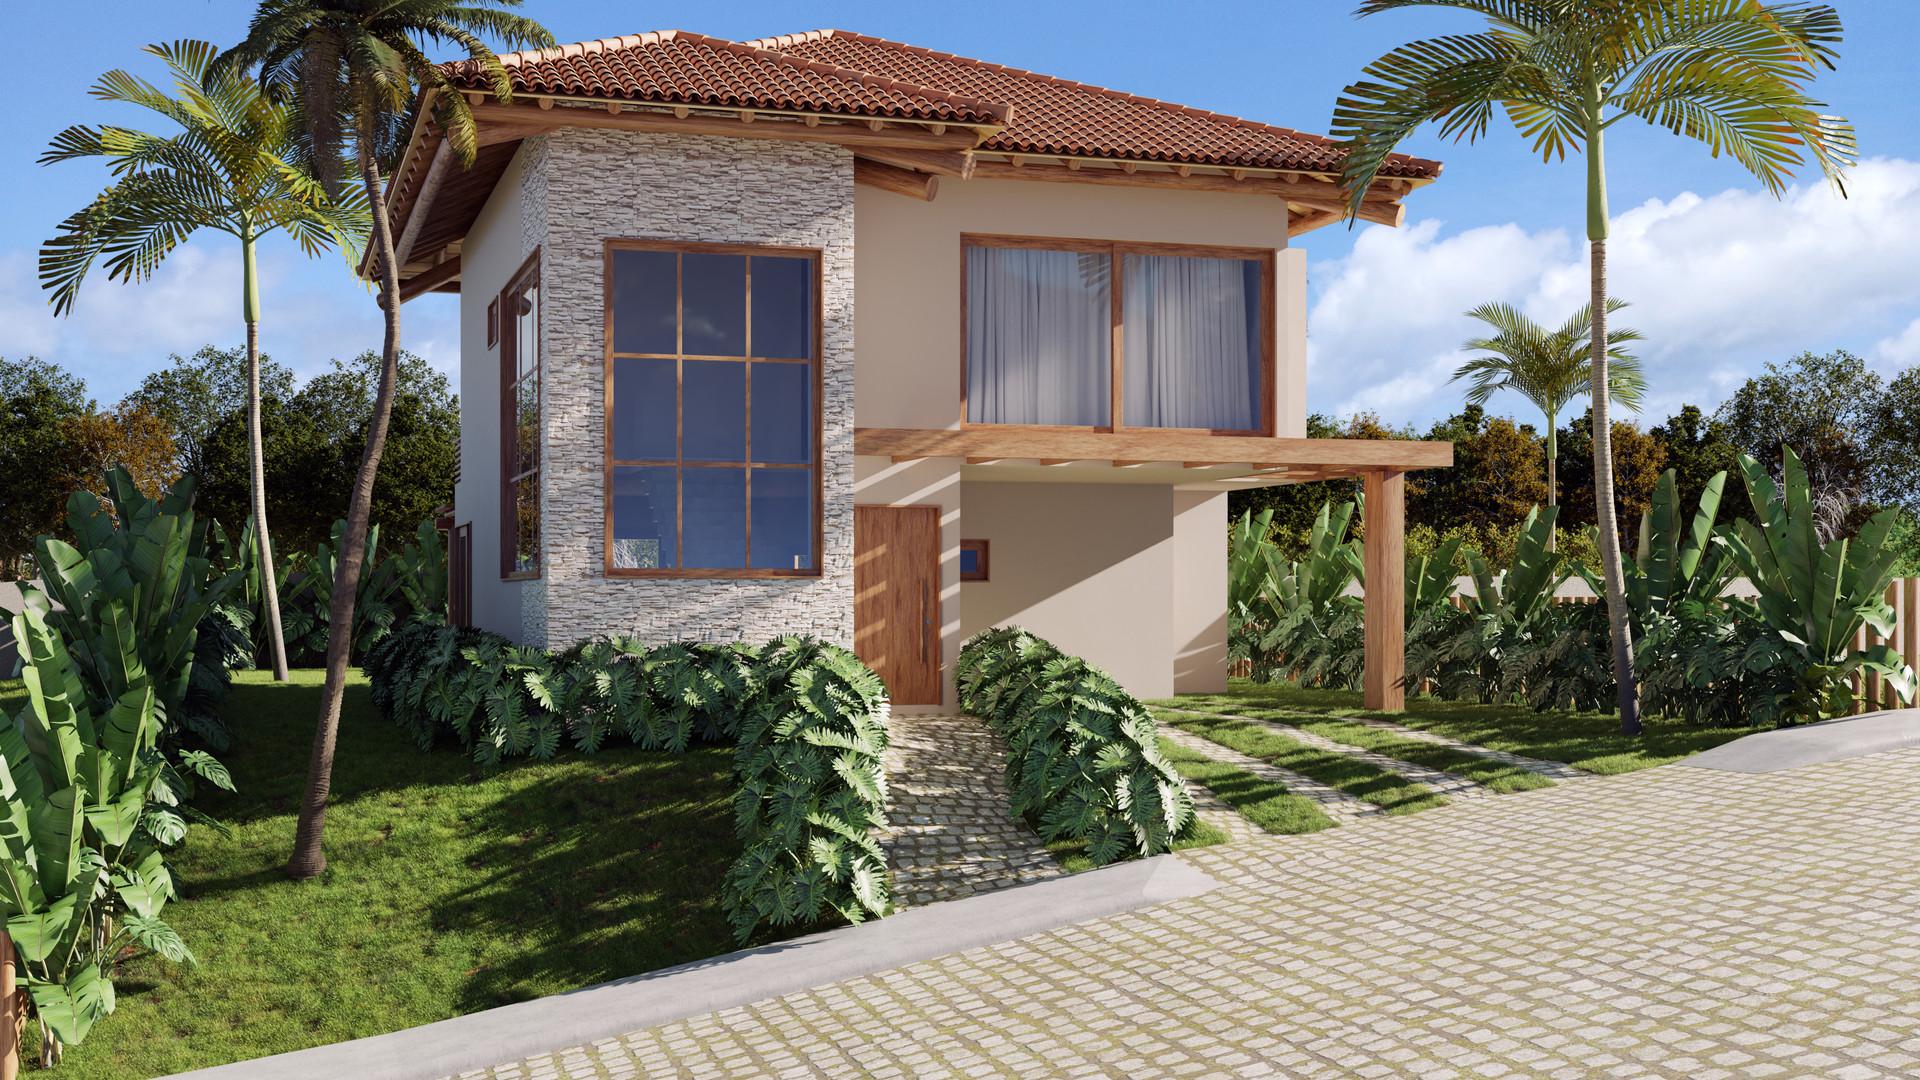 Frente - Casa P